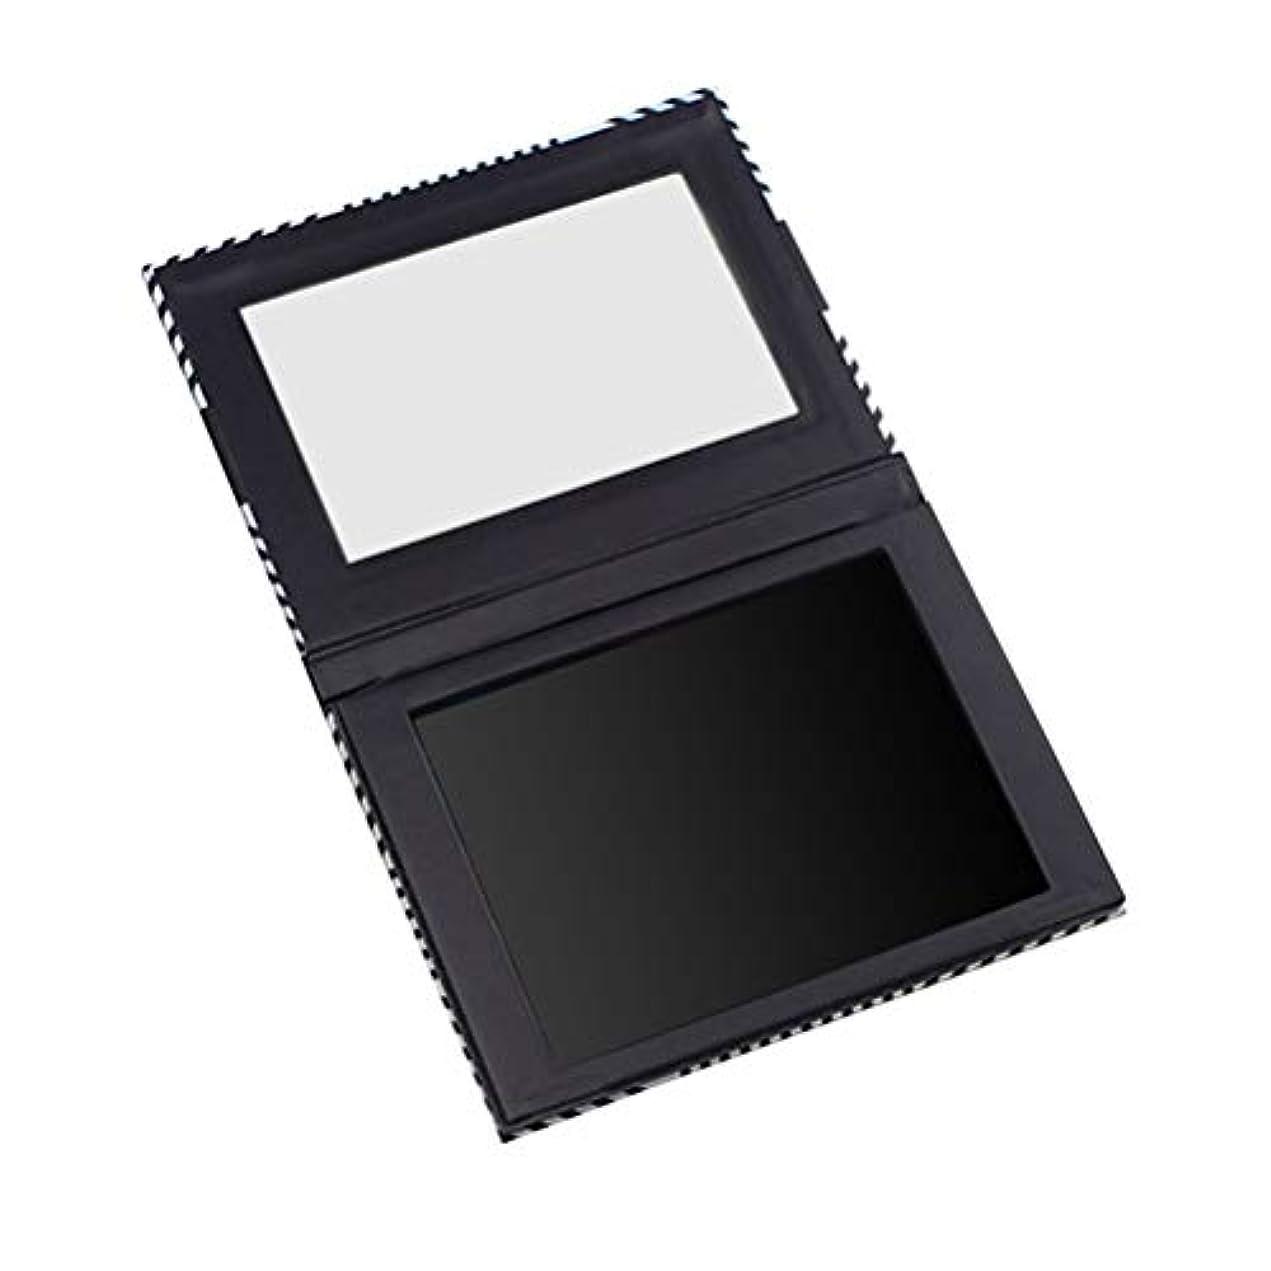 放散する操縦するくぼみLurrose ミラー付き空の磁気パレットアイシャドウオーガナイザー